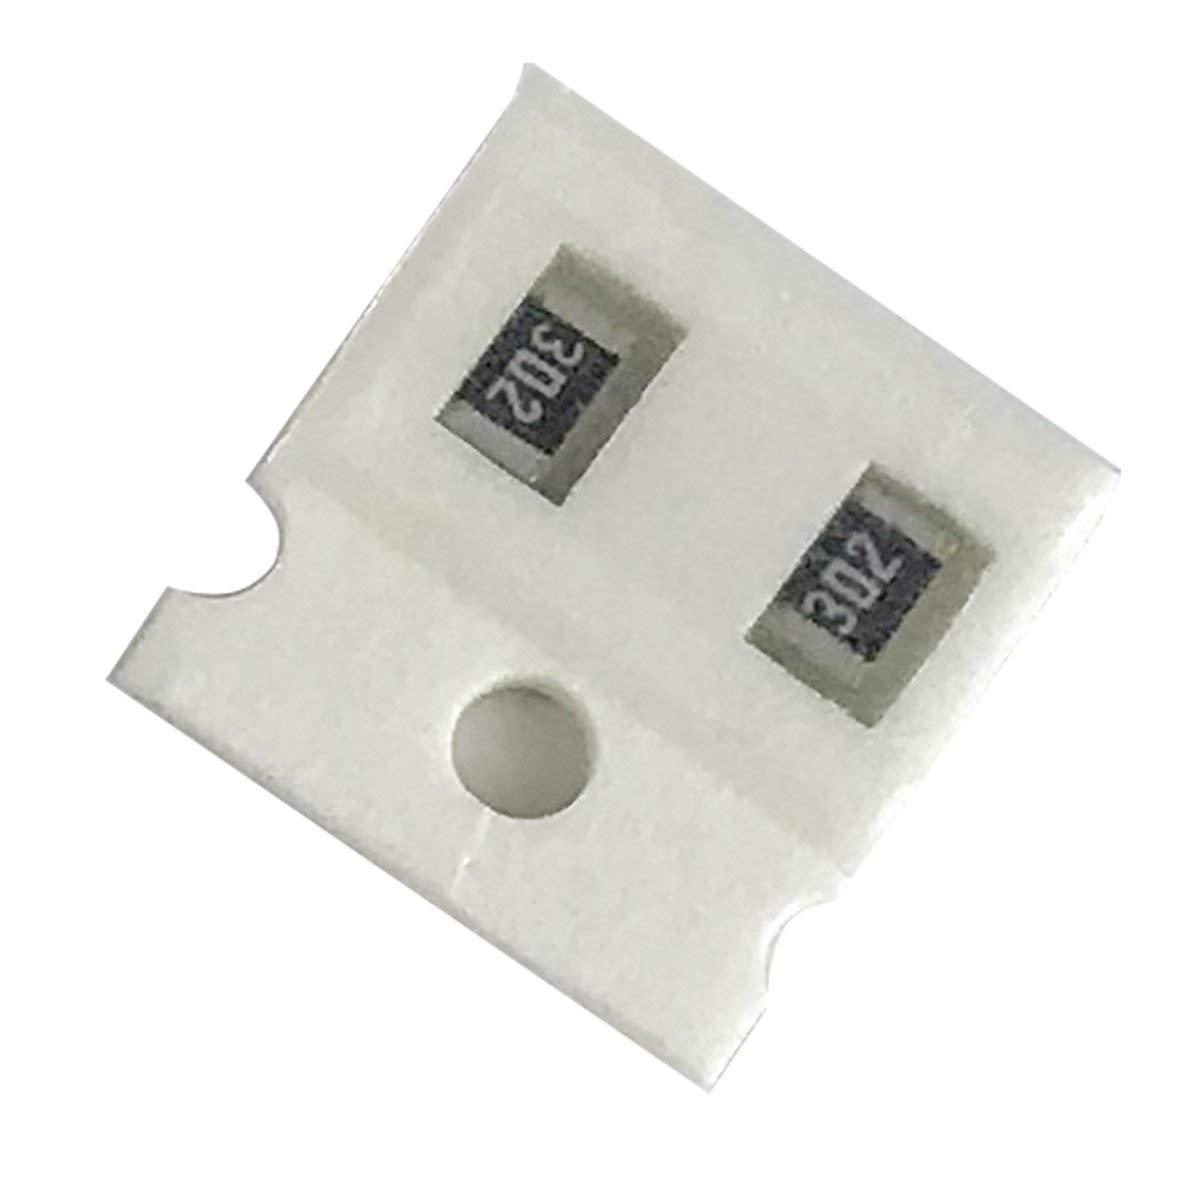 Noradtjcca Kit de Bricolage /électronique LED Display Board 3.7V Lithium Batterie Indicateur de capacit/é Module LED Testeur de Niveau de Puissance 12V Li-Lion Lipo